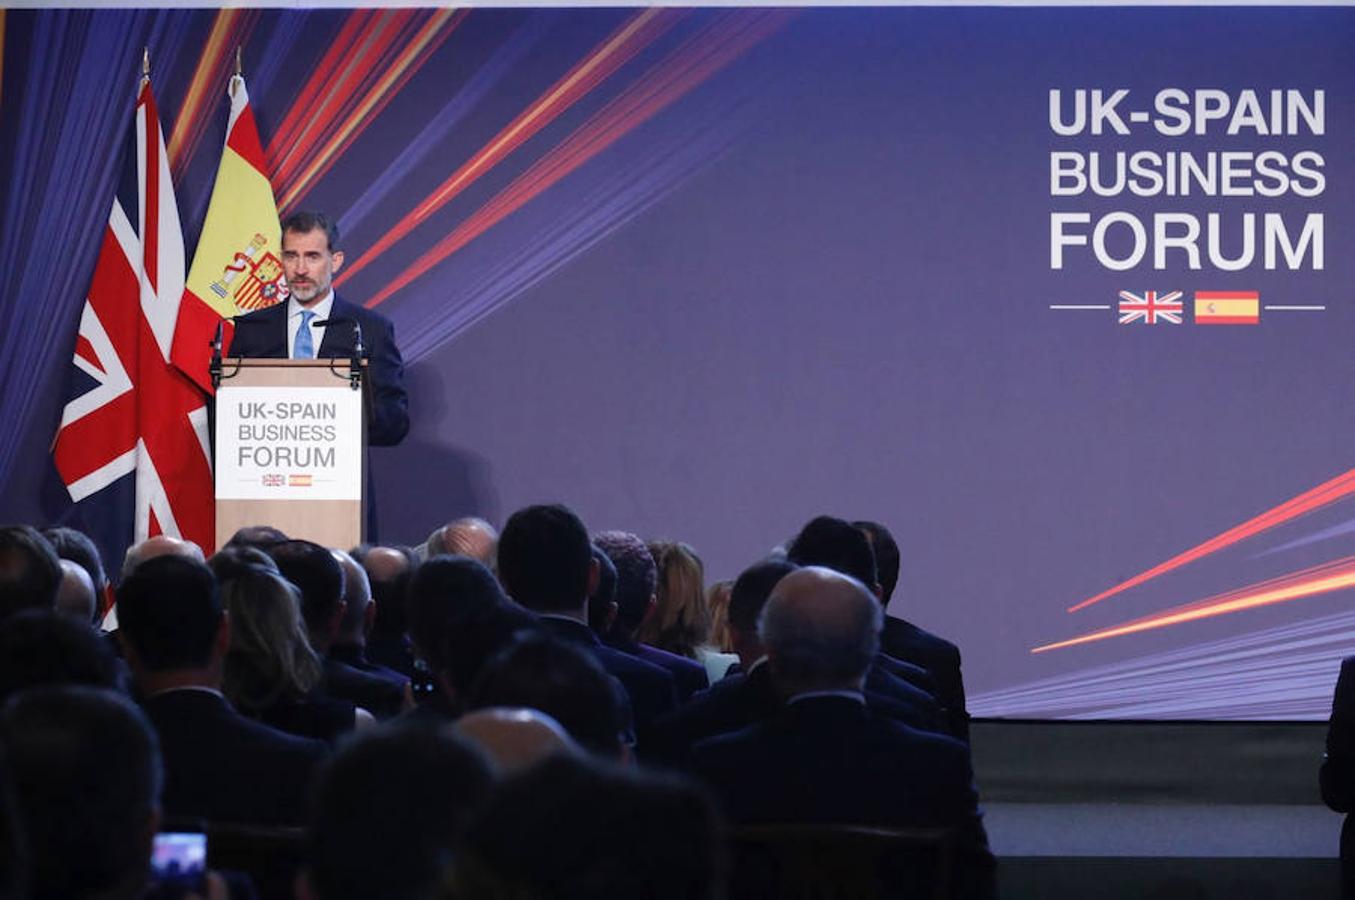 El rey Felipe pronuncia un discurso durante el encuentro empresarial UK-Spain Business Forum presidido por el monarca español hoy en Londres